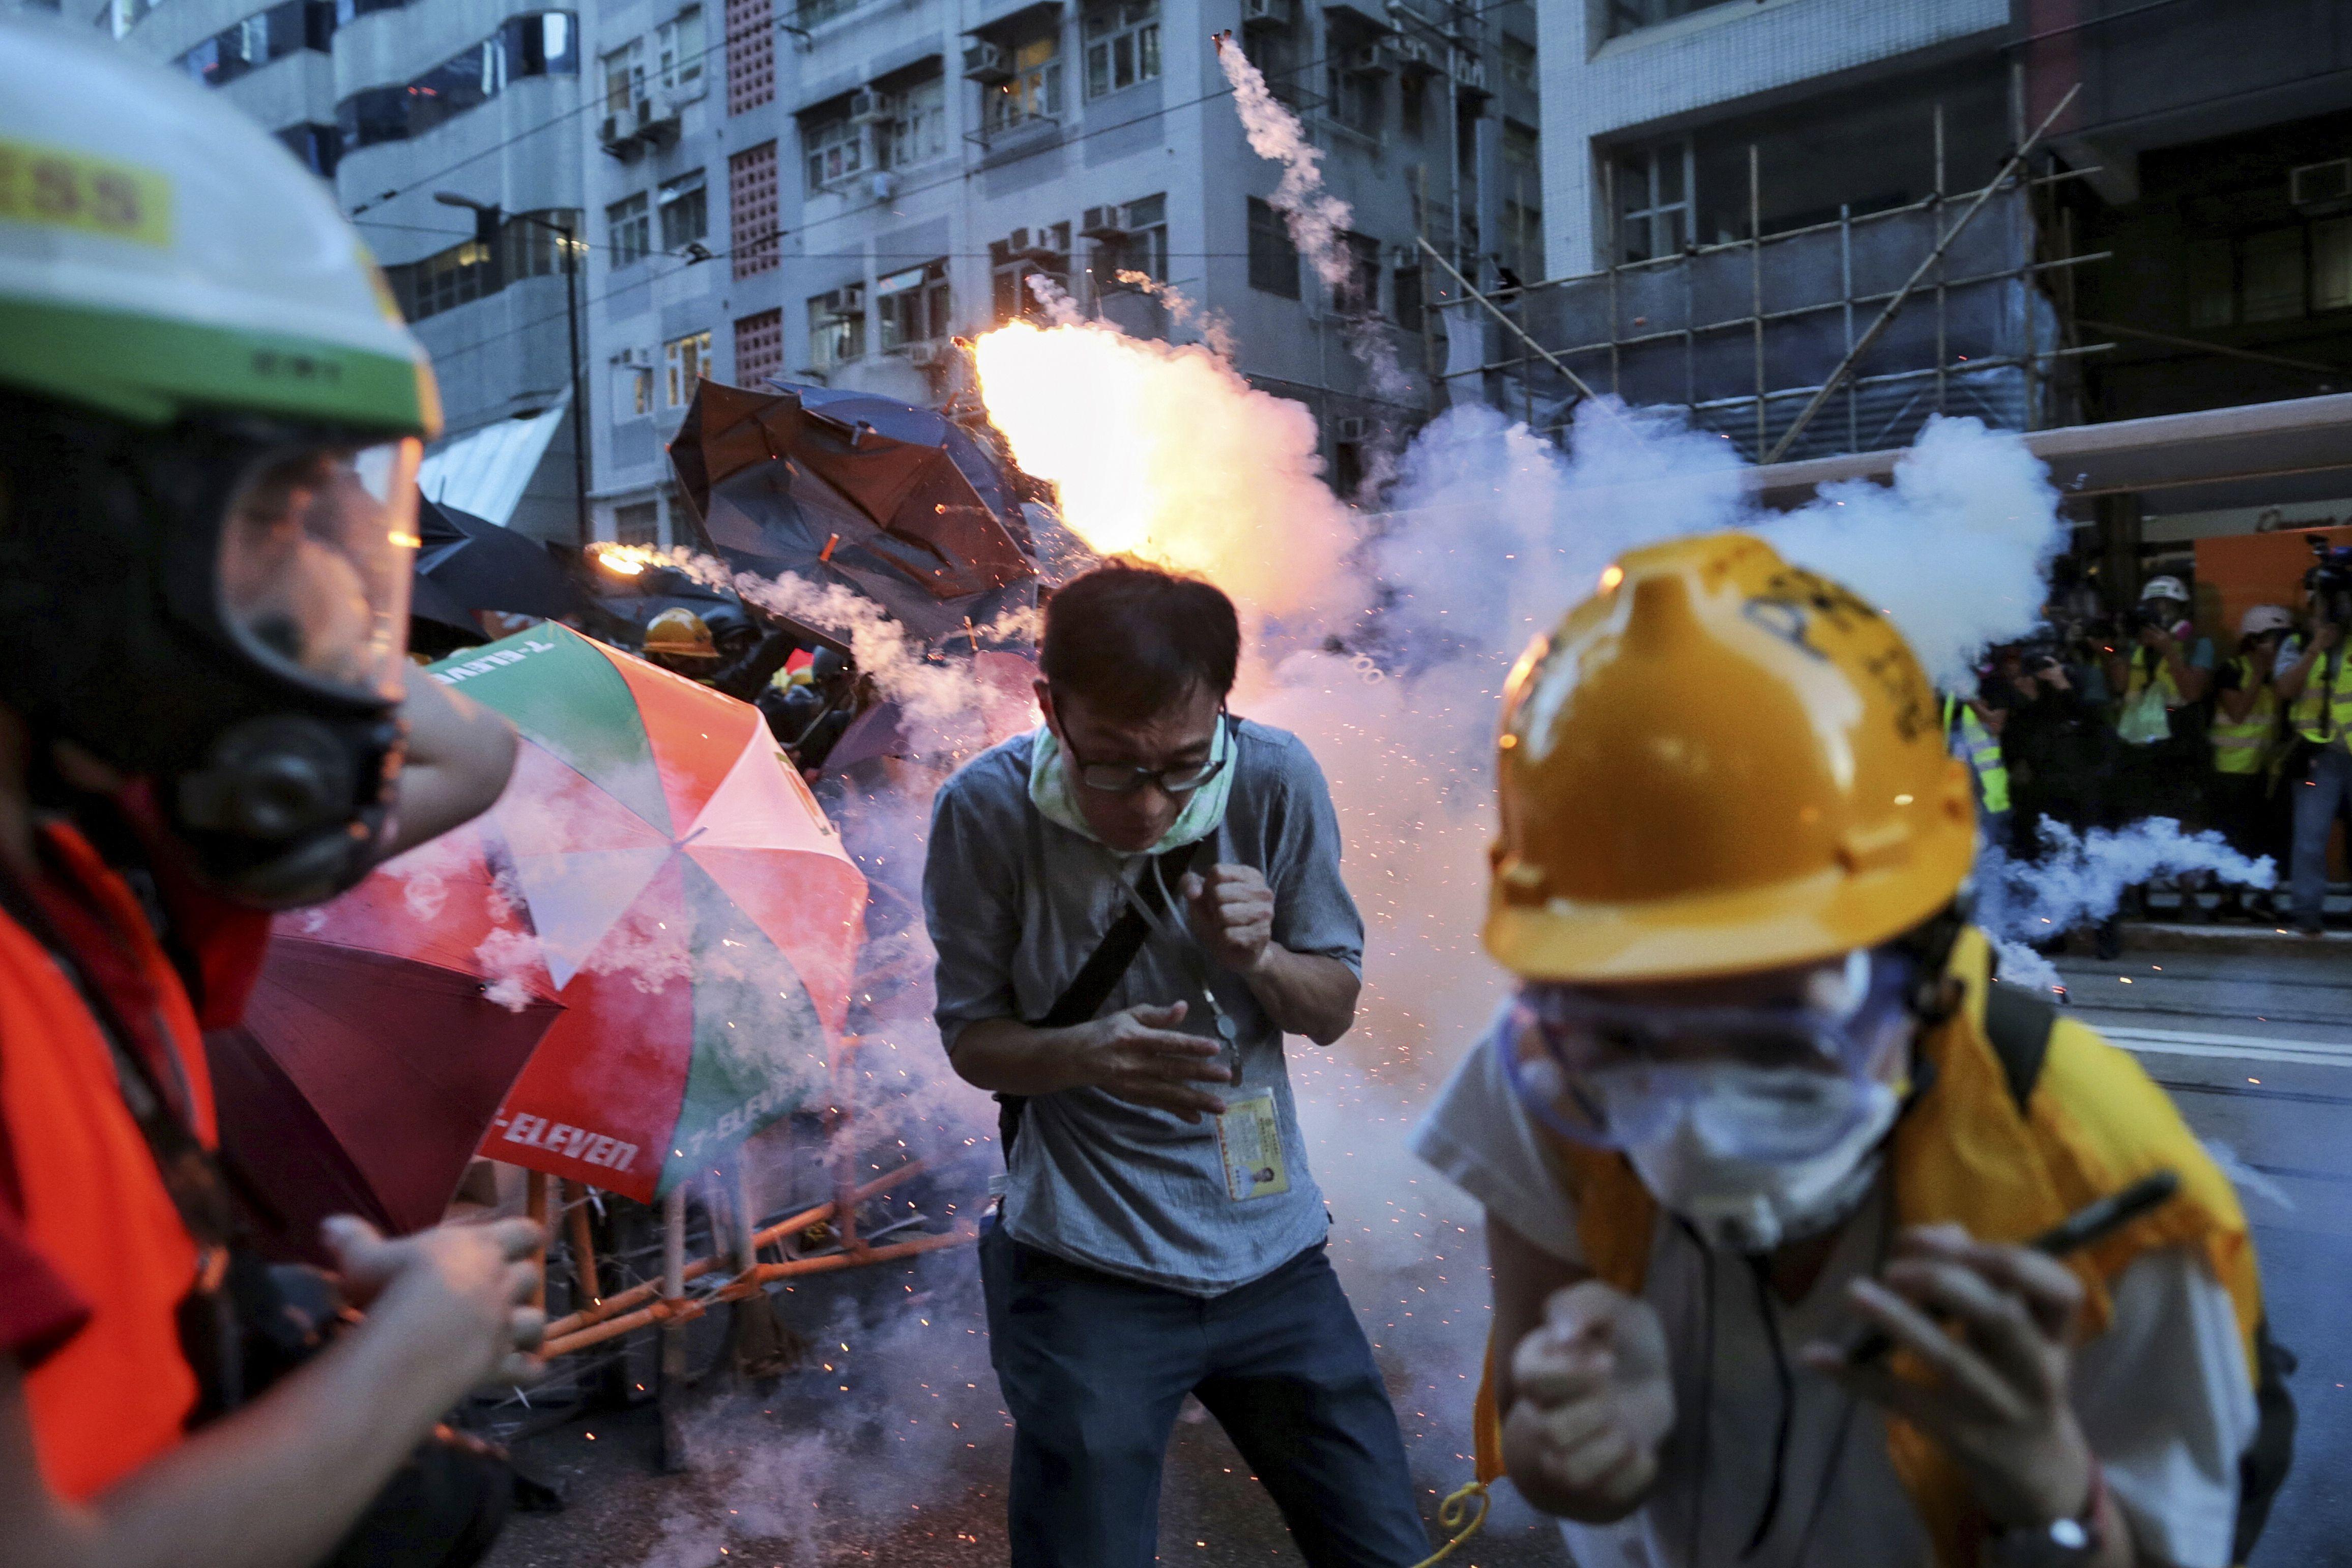 (Elson Li/HK01 via AP)